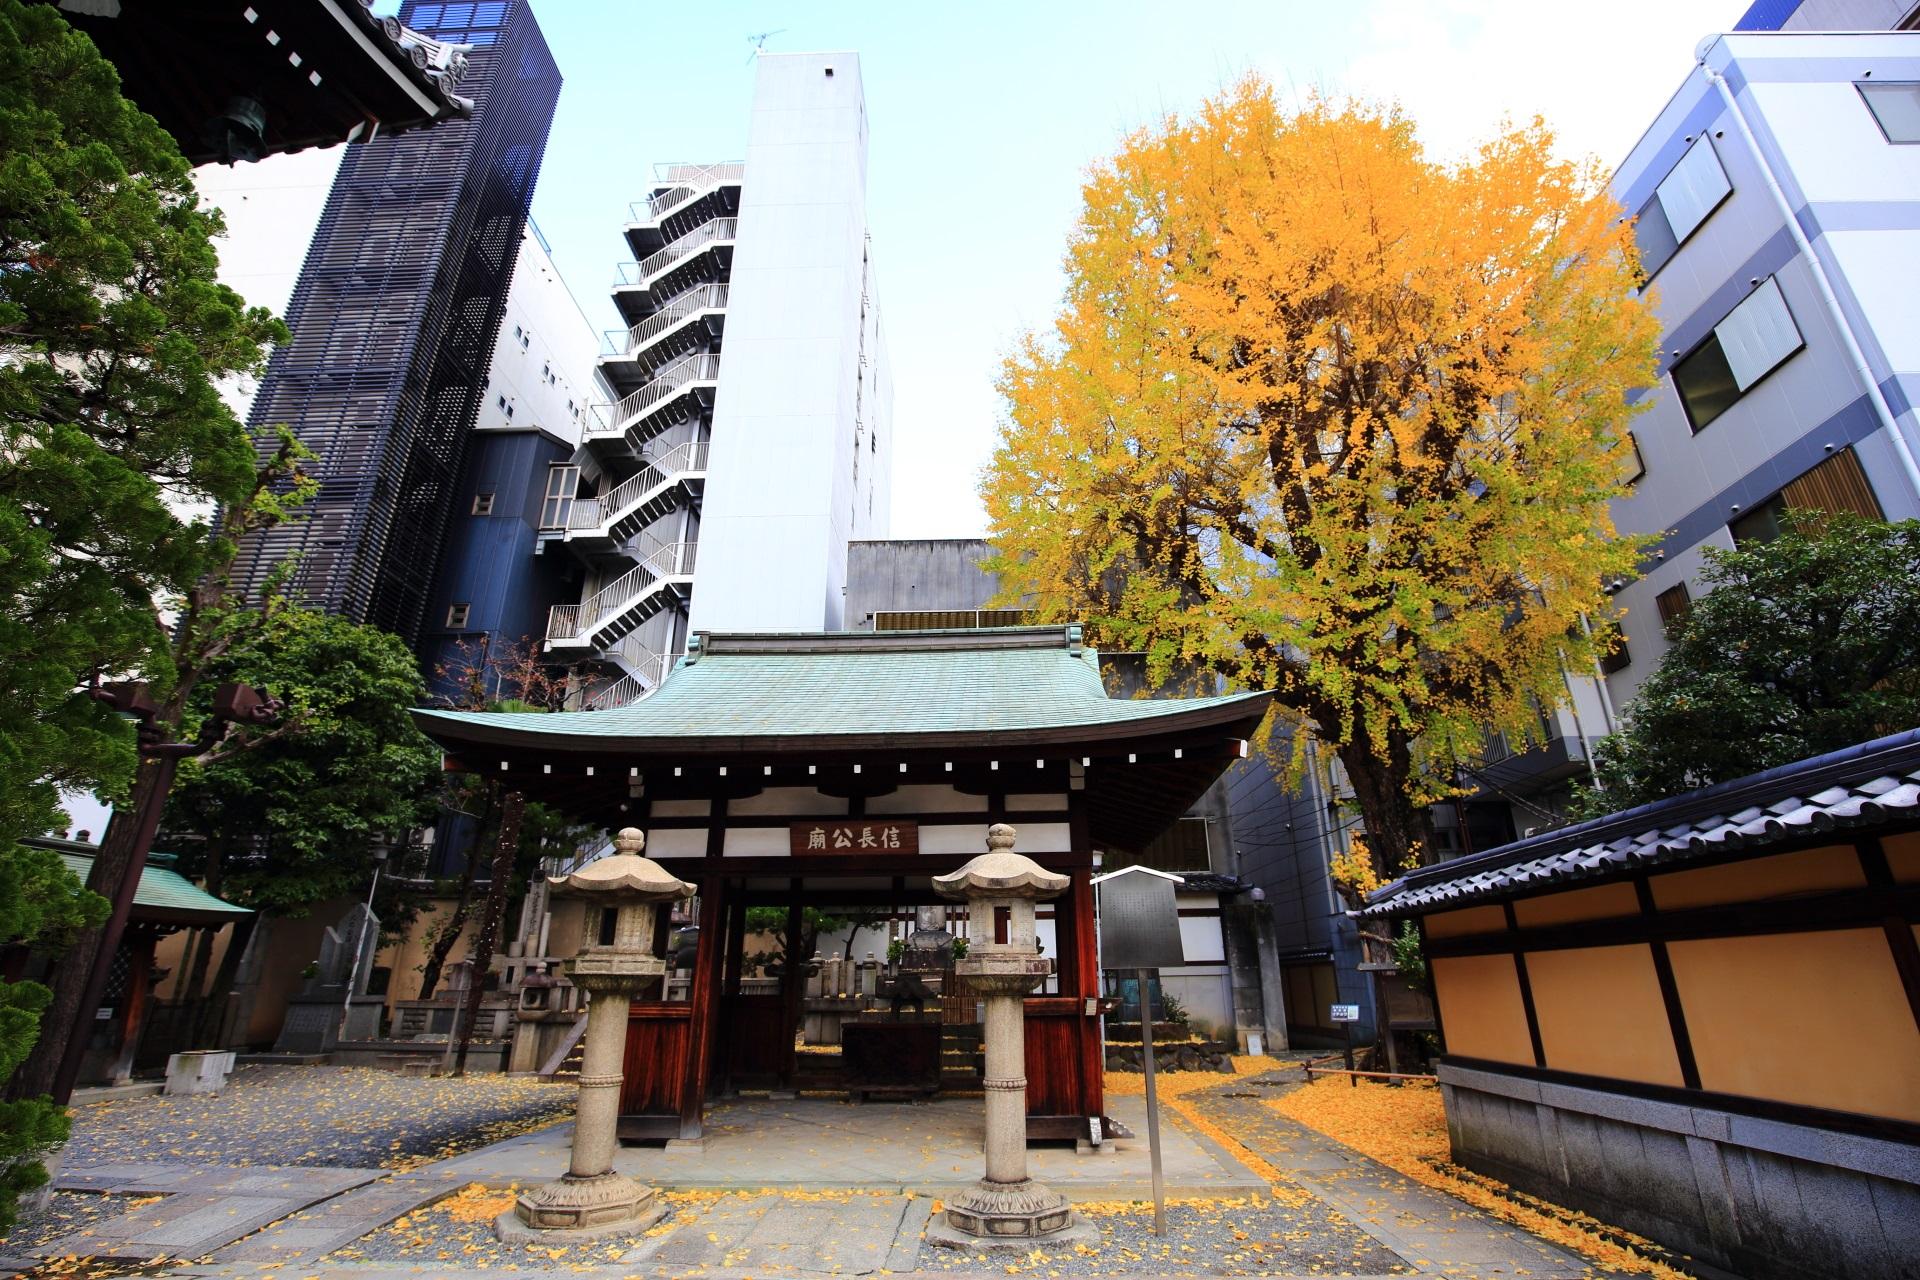 本能寺の素晴らしい銀杏と散り銀杏と秋の情景